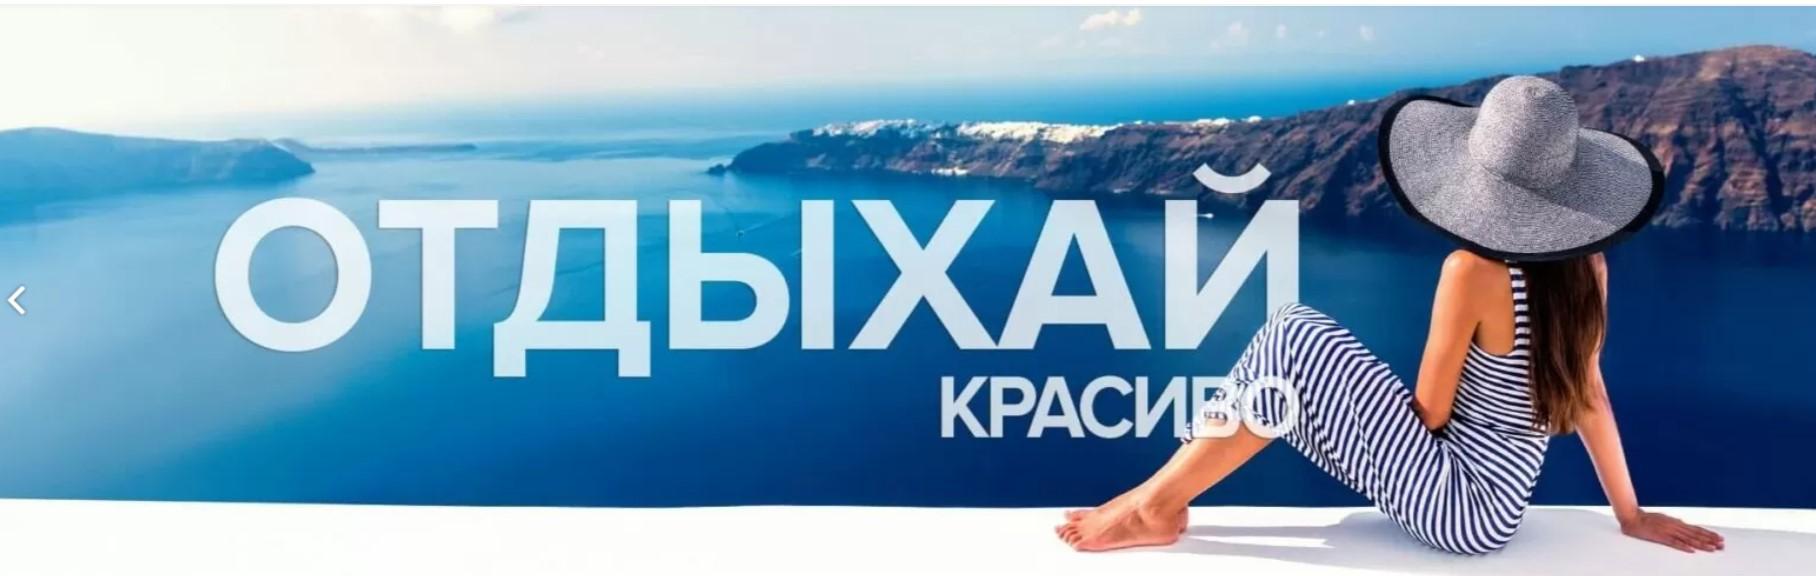 Топ-5 доступных украинцам стран для зимнего отдыха, Планируйте отпуск, каникулы и корпоративы без риска отмены тура и обсервации.